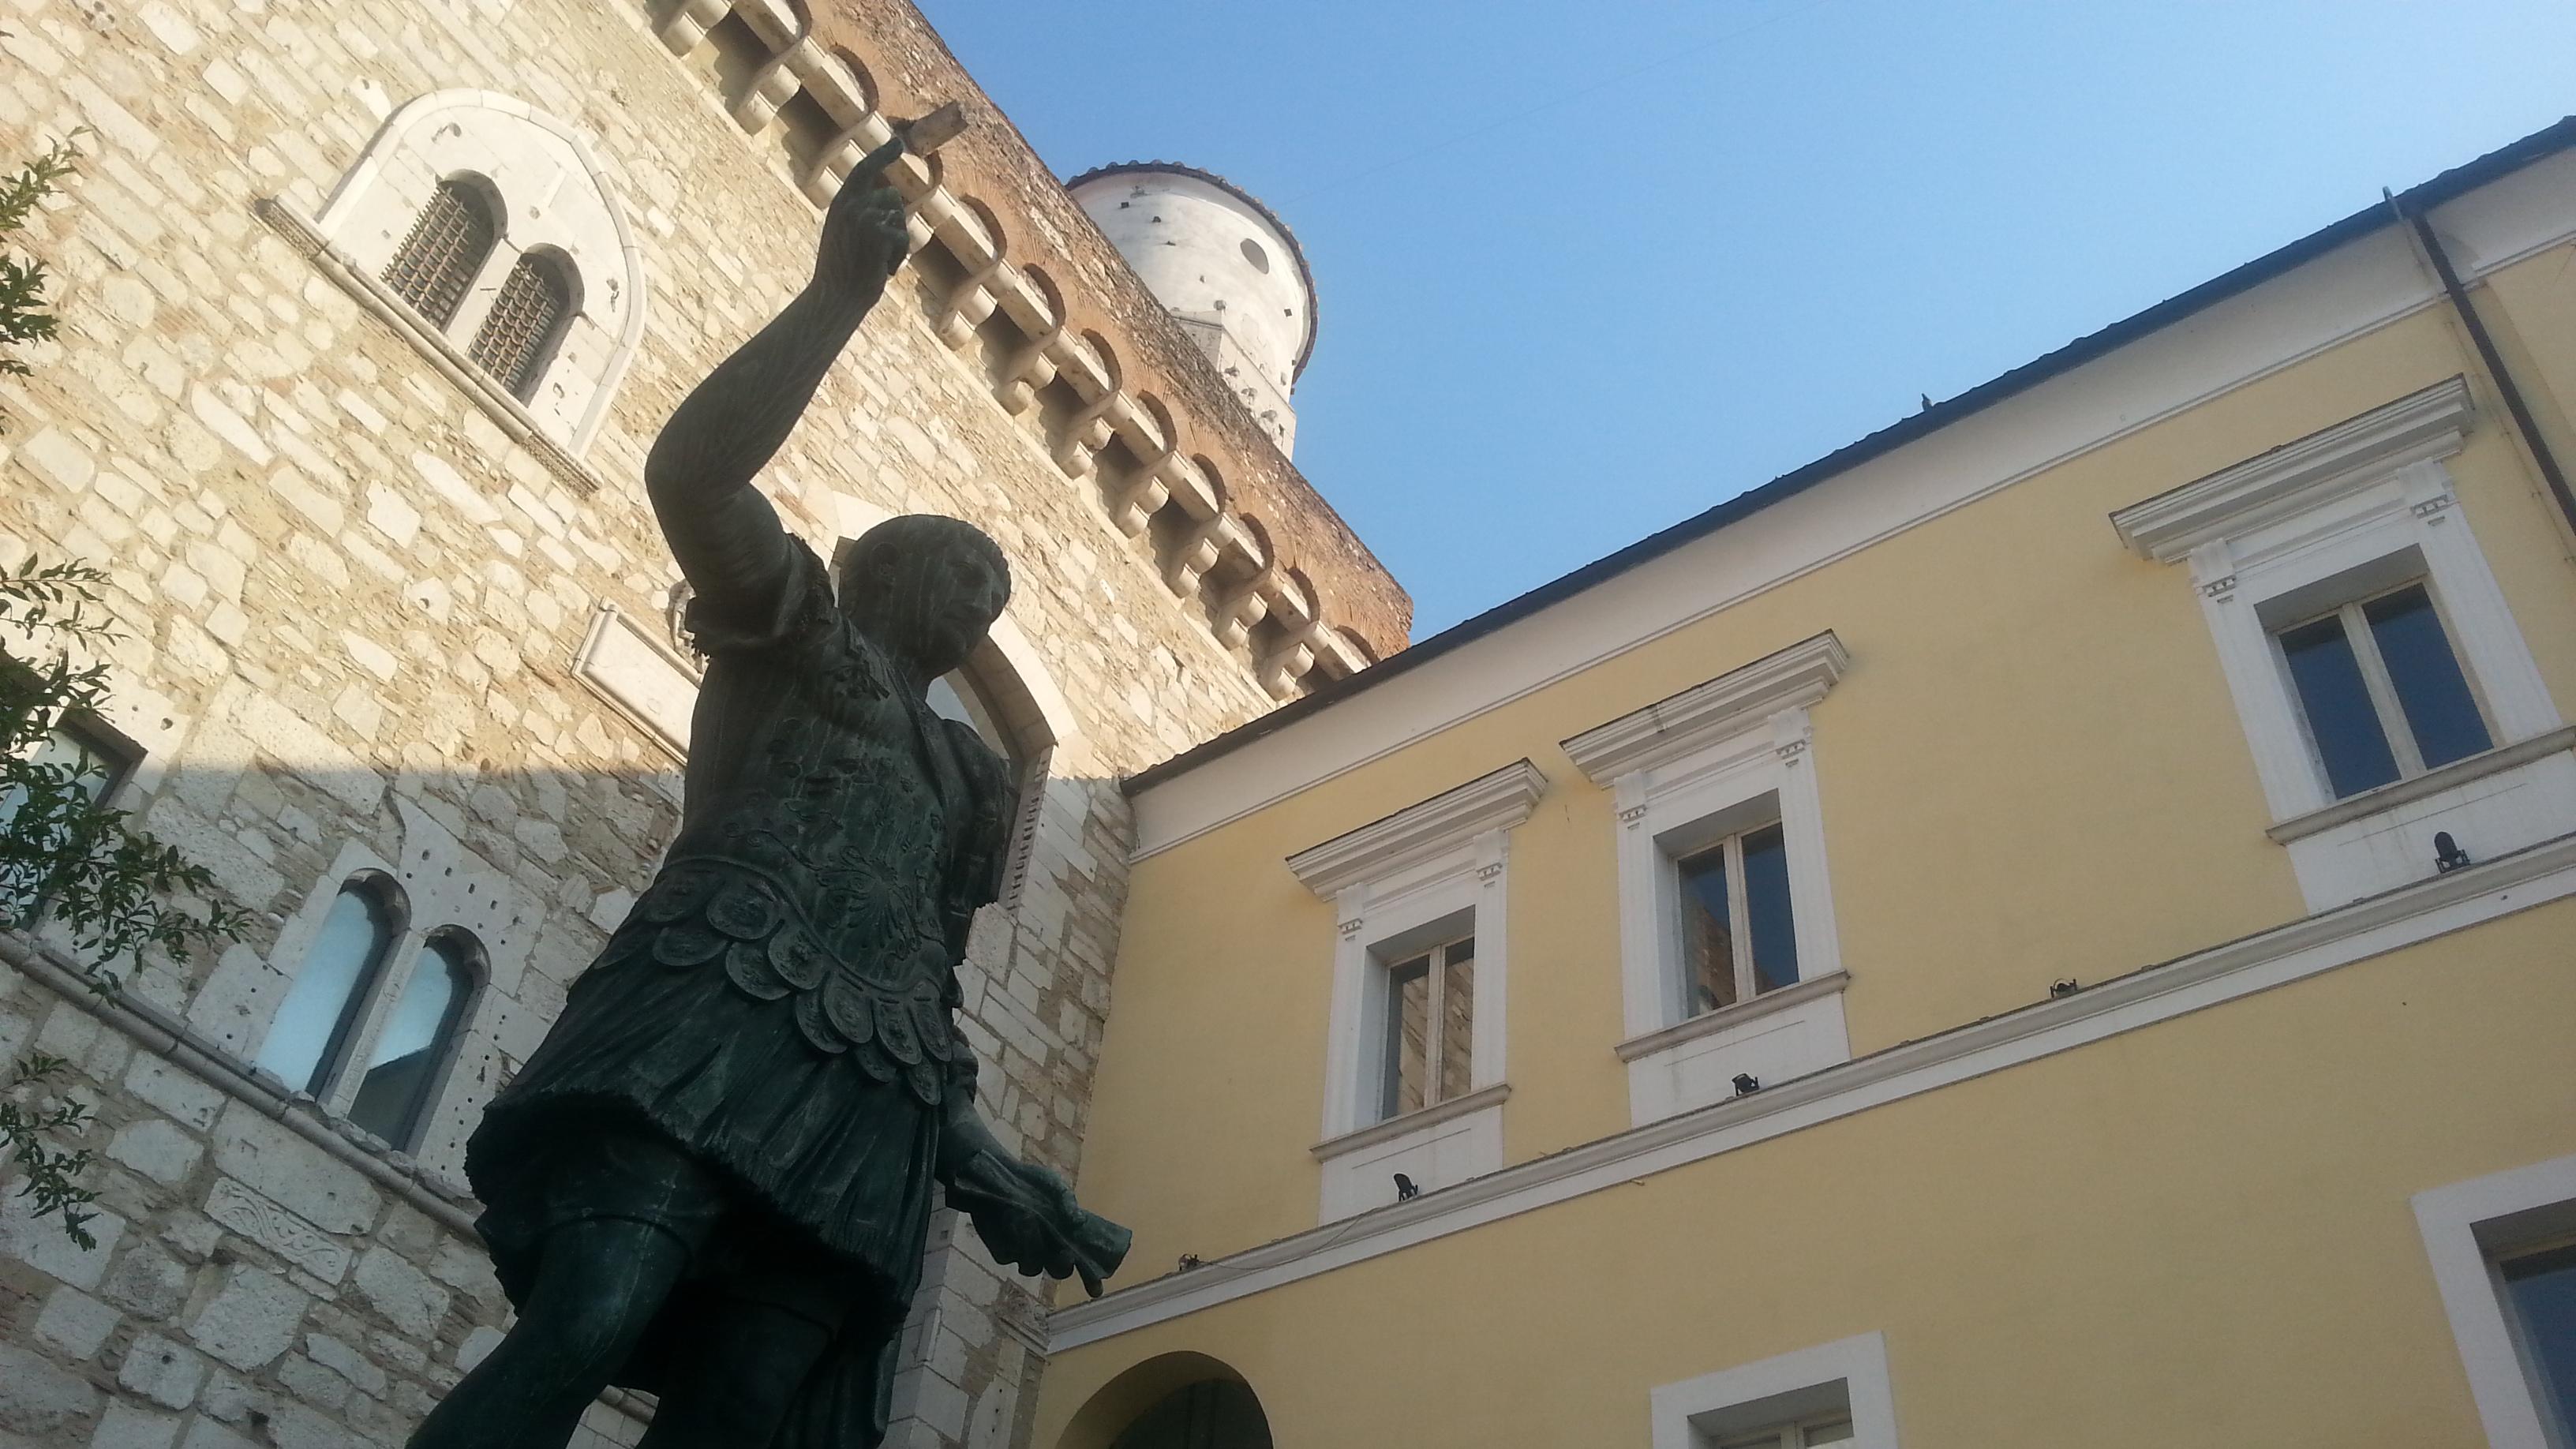 Benevento| Scuole, entro il 2018 apriranno i cantieri per ampliamento di cinque istituti